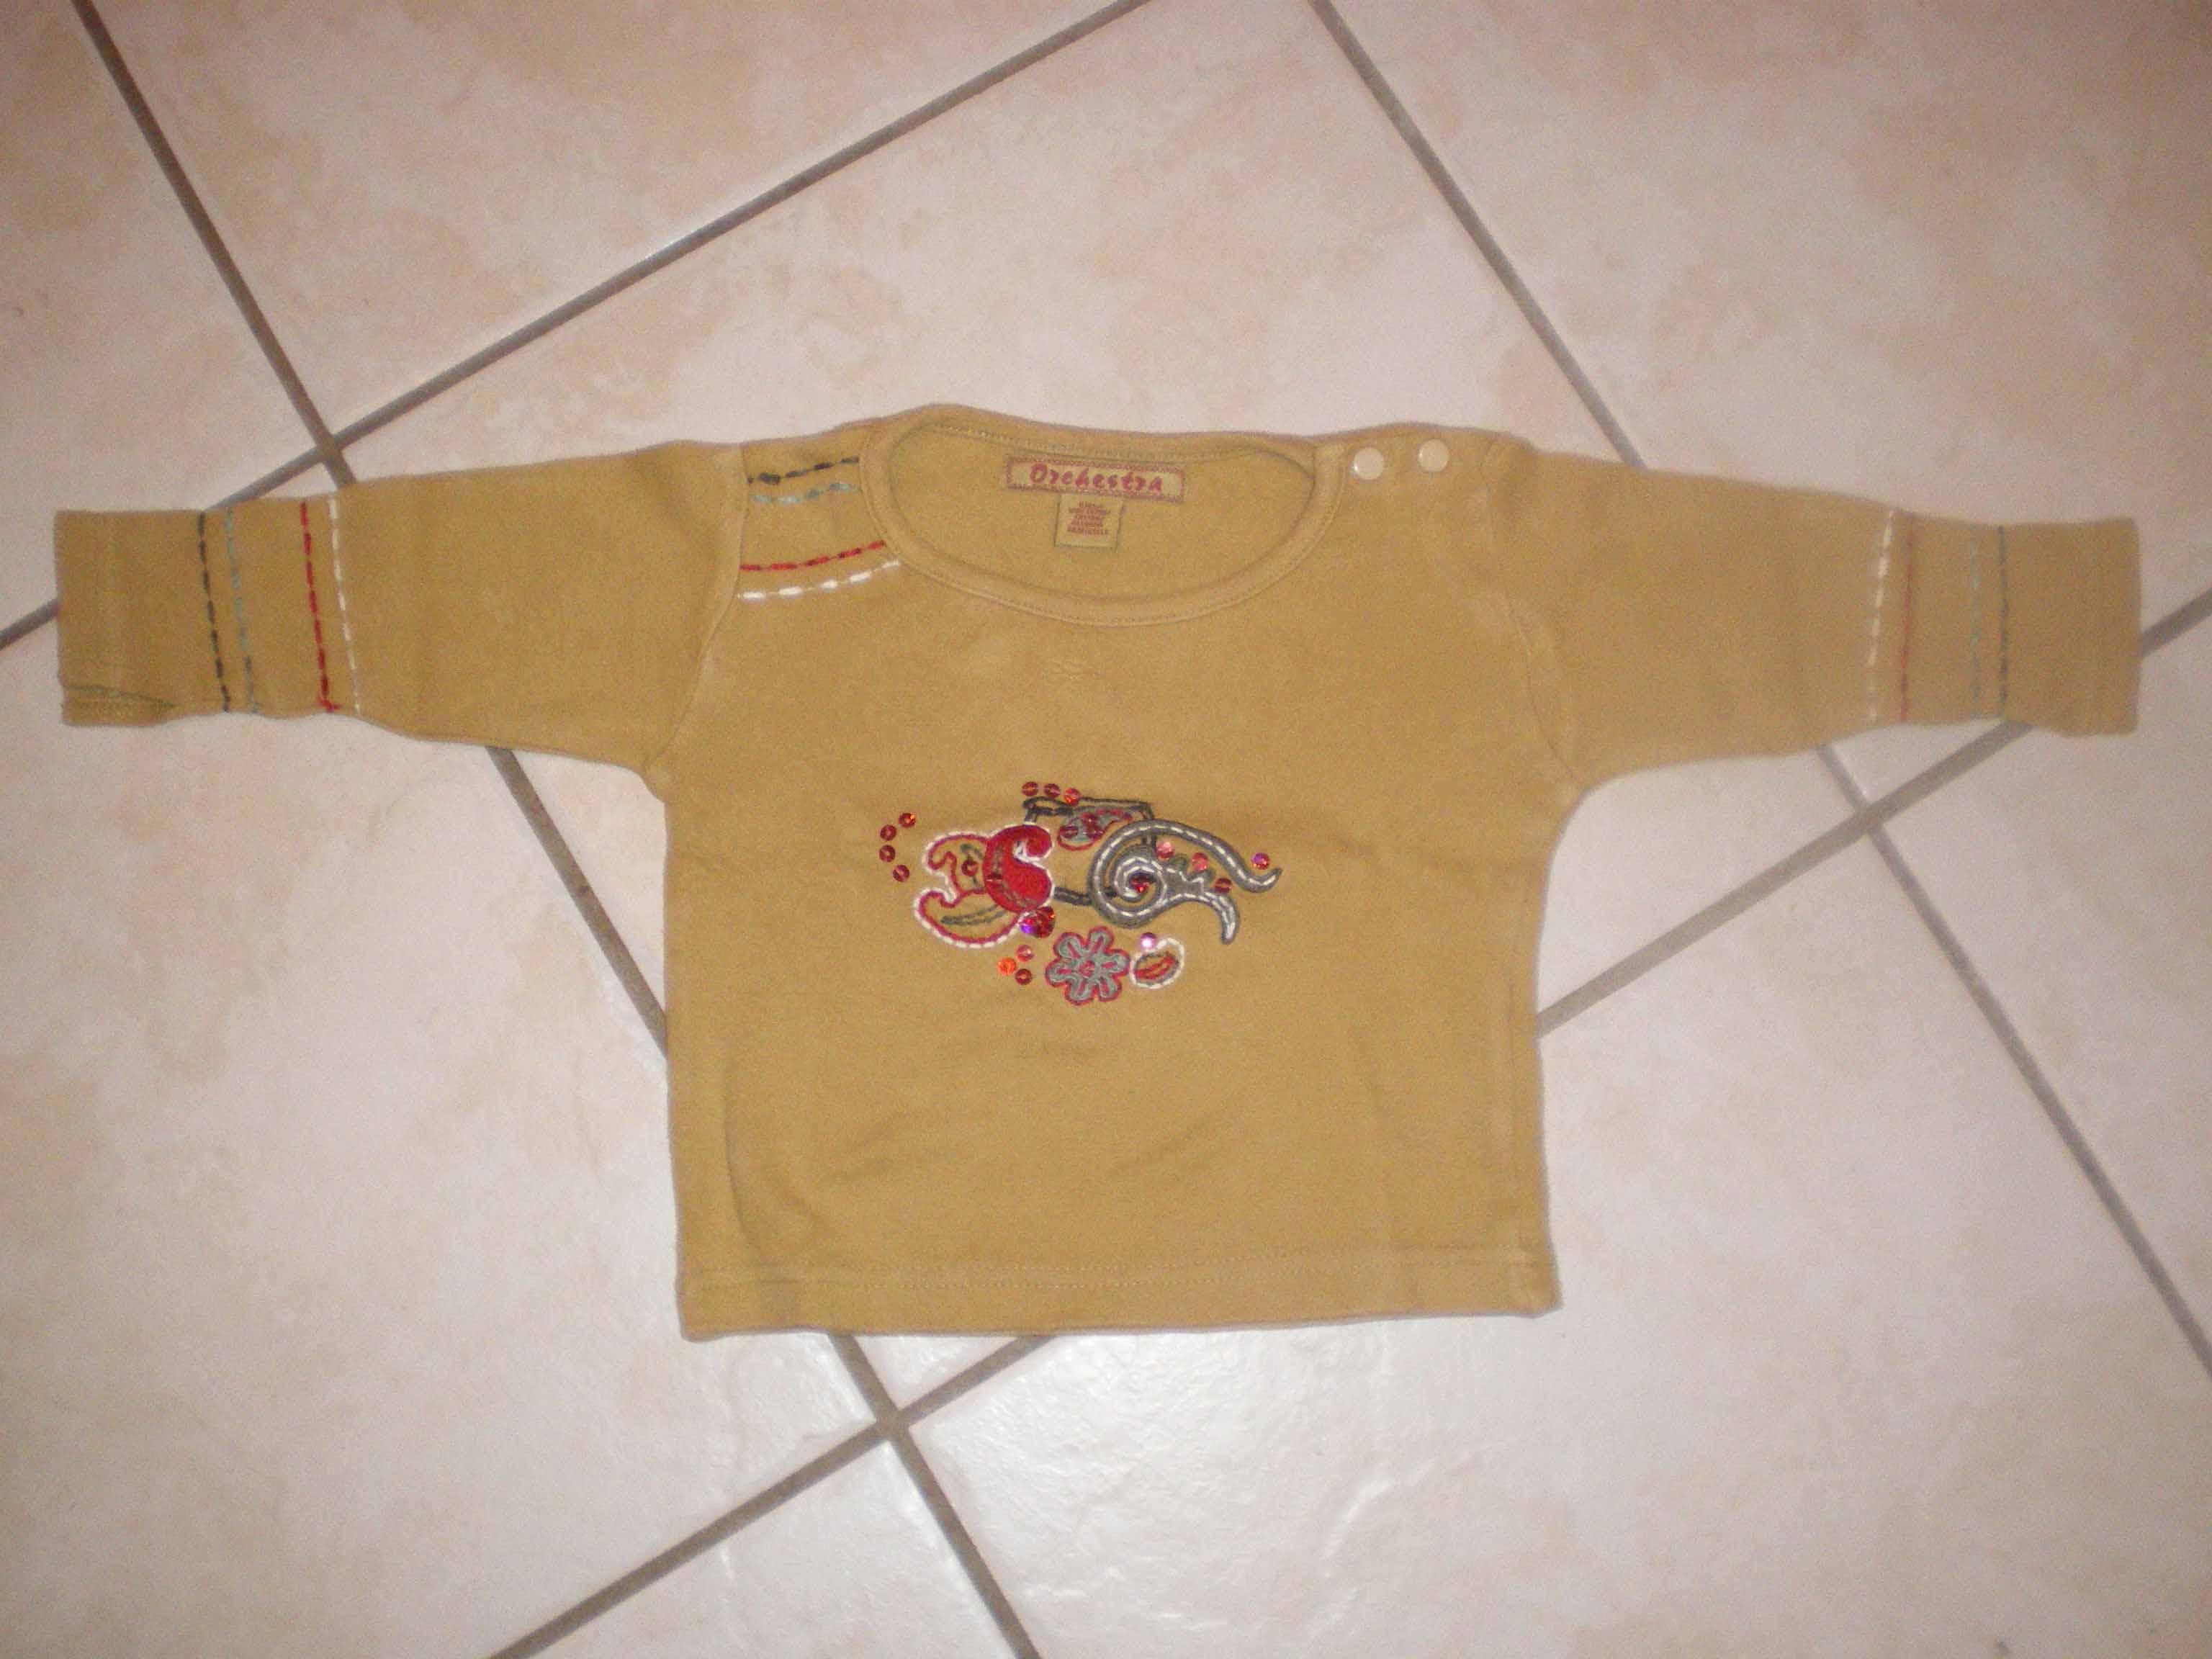 b4c4fbc45a7d9 tee-shirt